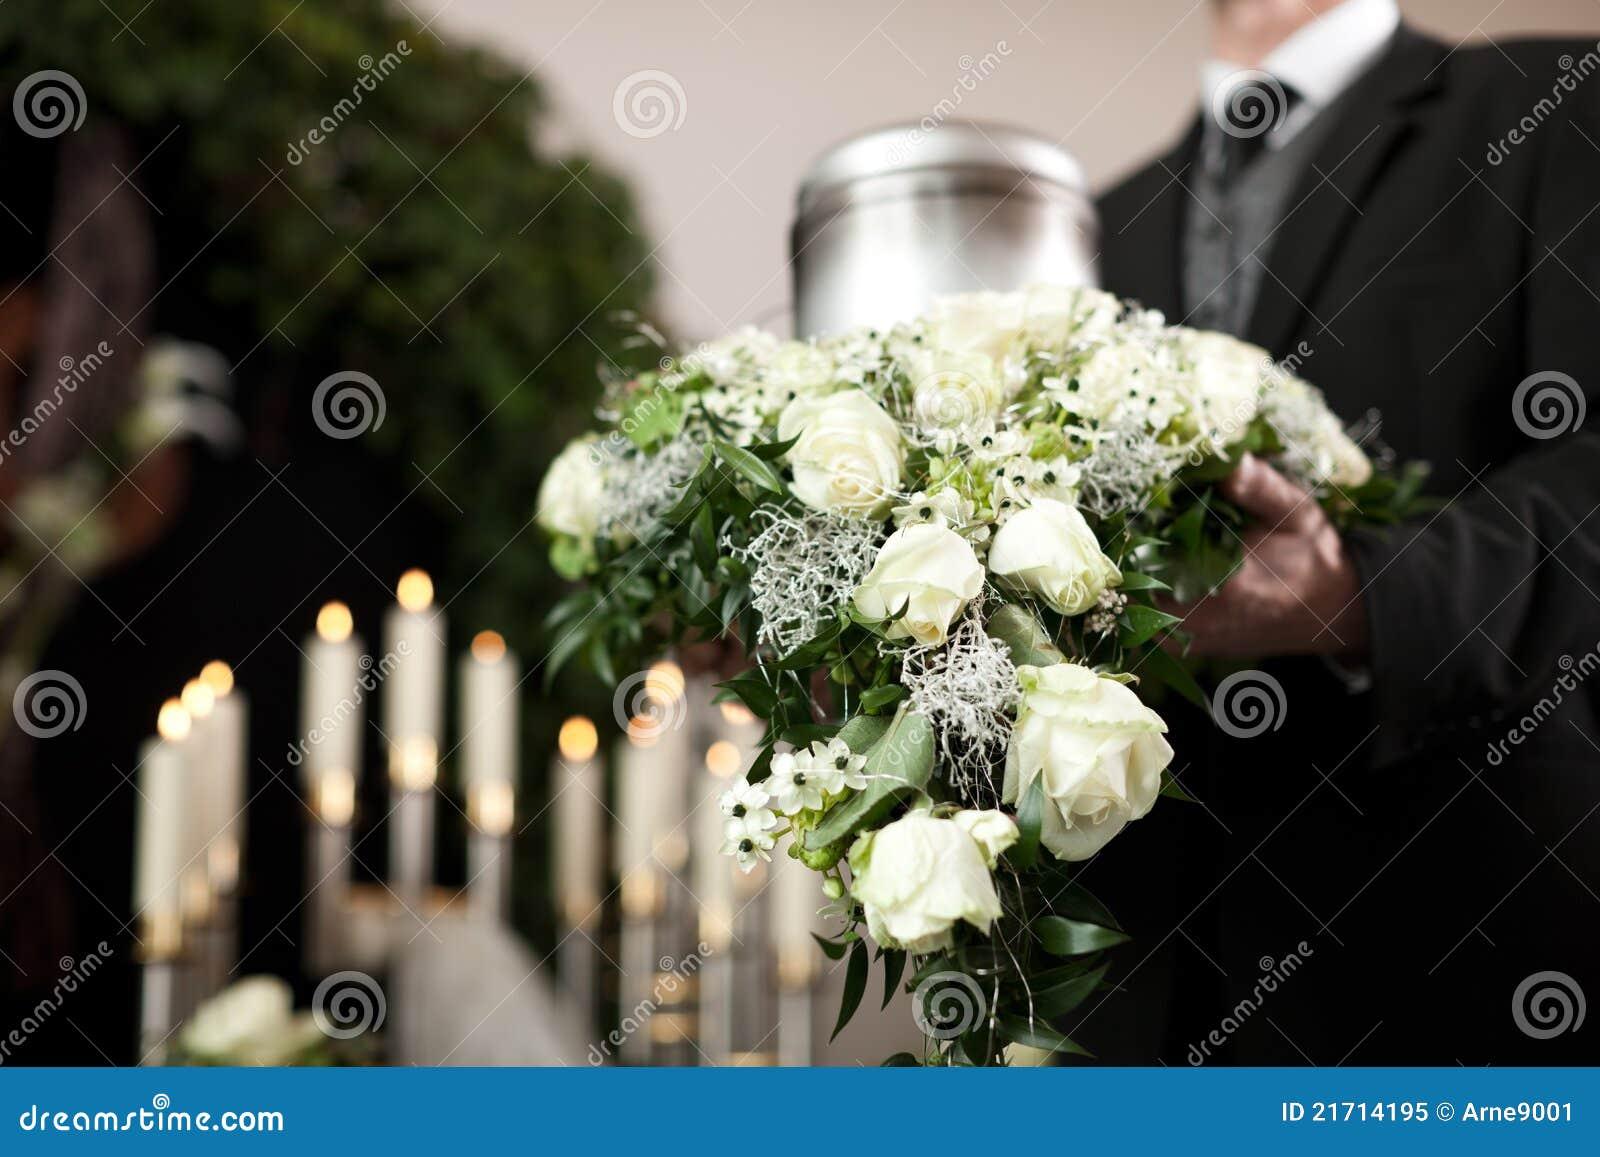 Dolore - funerale e cimitero